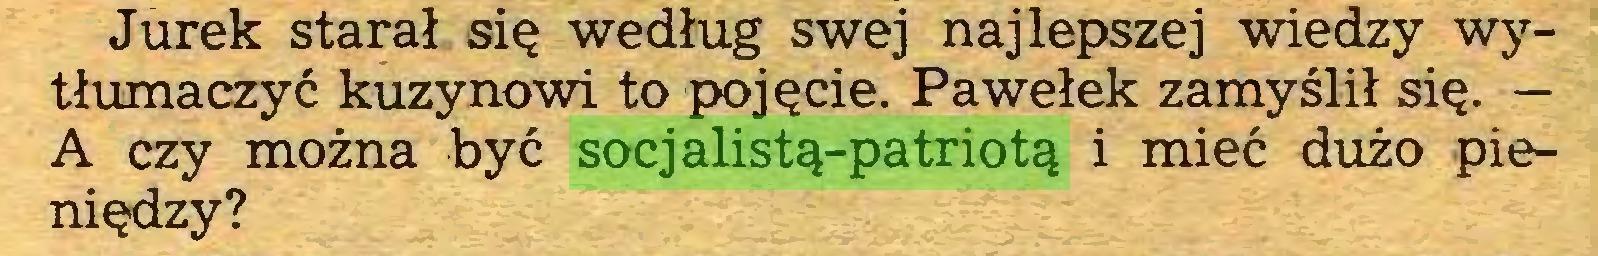 (...) Jurek starał się według swej najlepszej wiedzy wytłumaczyć kuzynowi to pojęcie. Pawełek zamyślił się. — A czy można być socjalistą-patriotą i mieć dużo pieniędzy?...